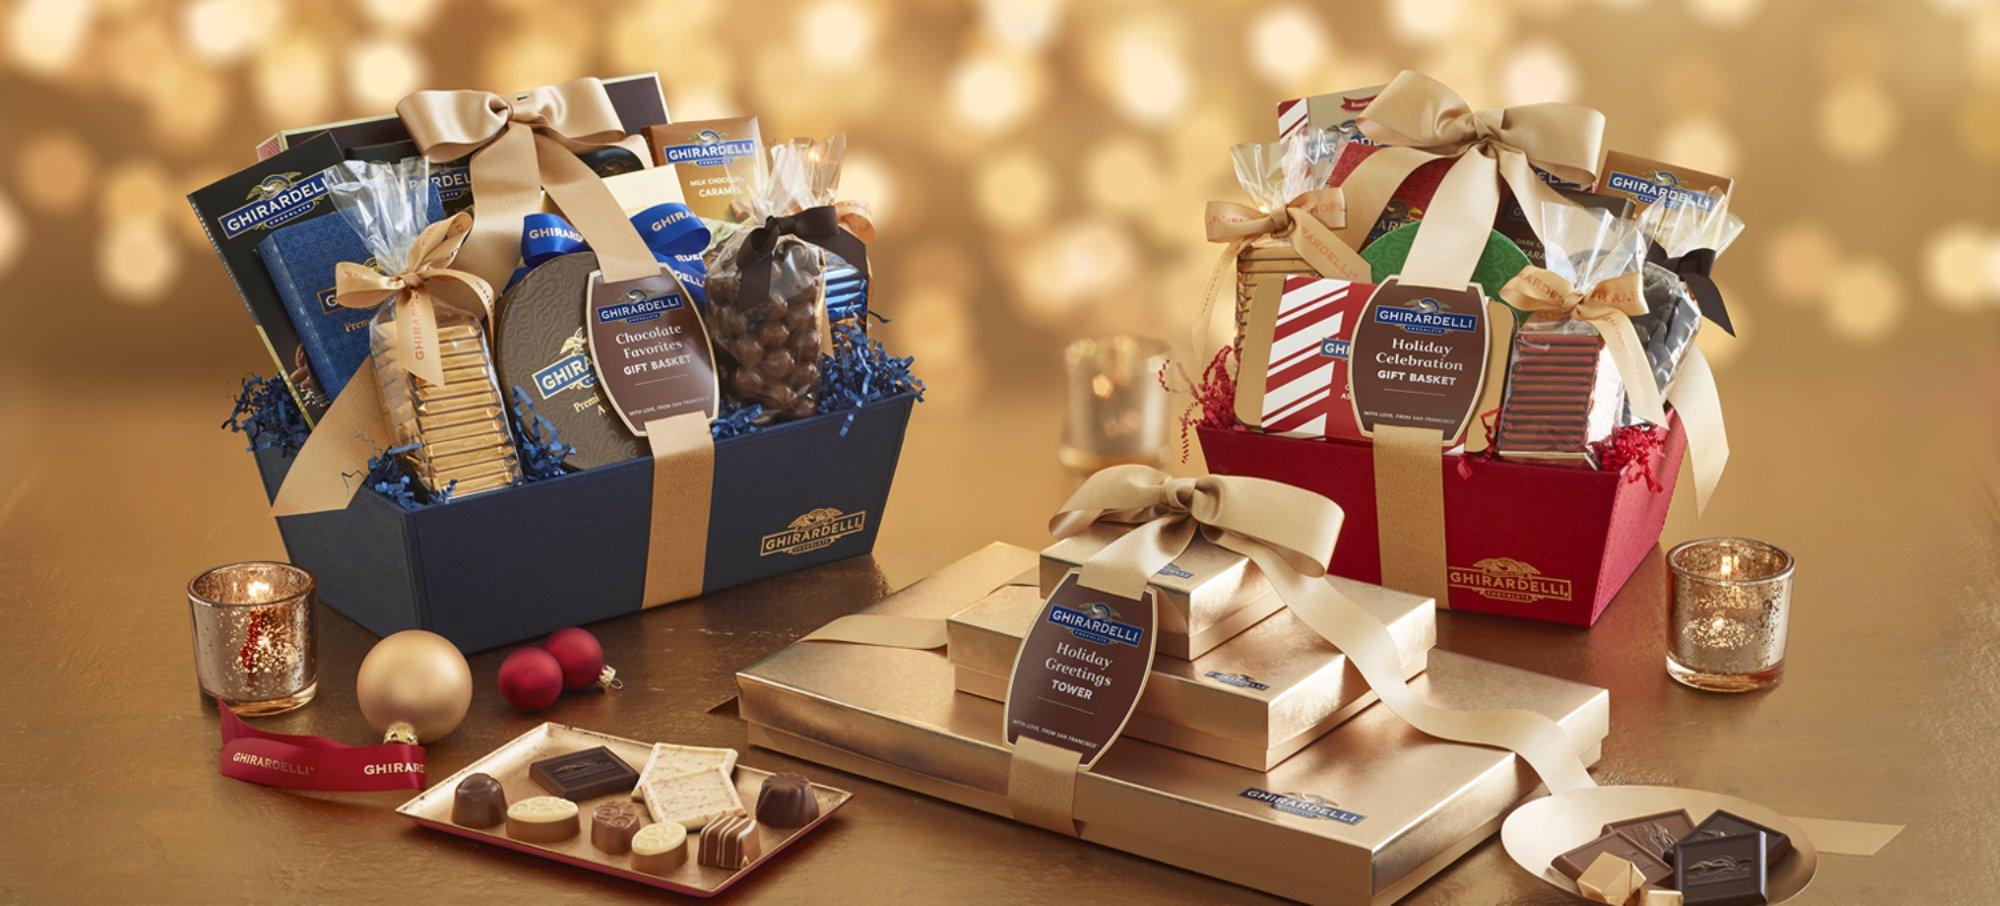 sao5canh.com - Những mua quà tặng Tết họp lí nhất cho dân VN